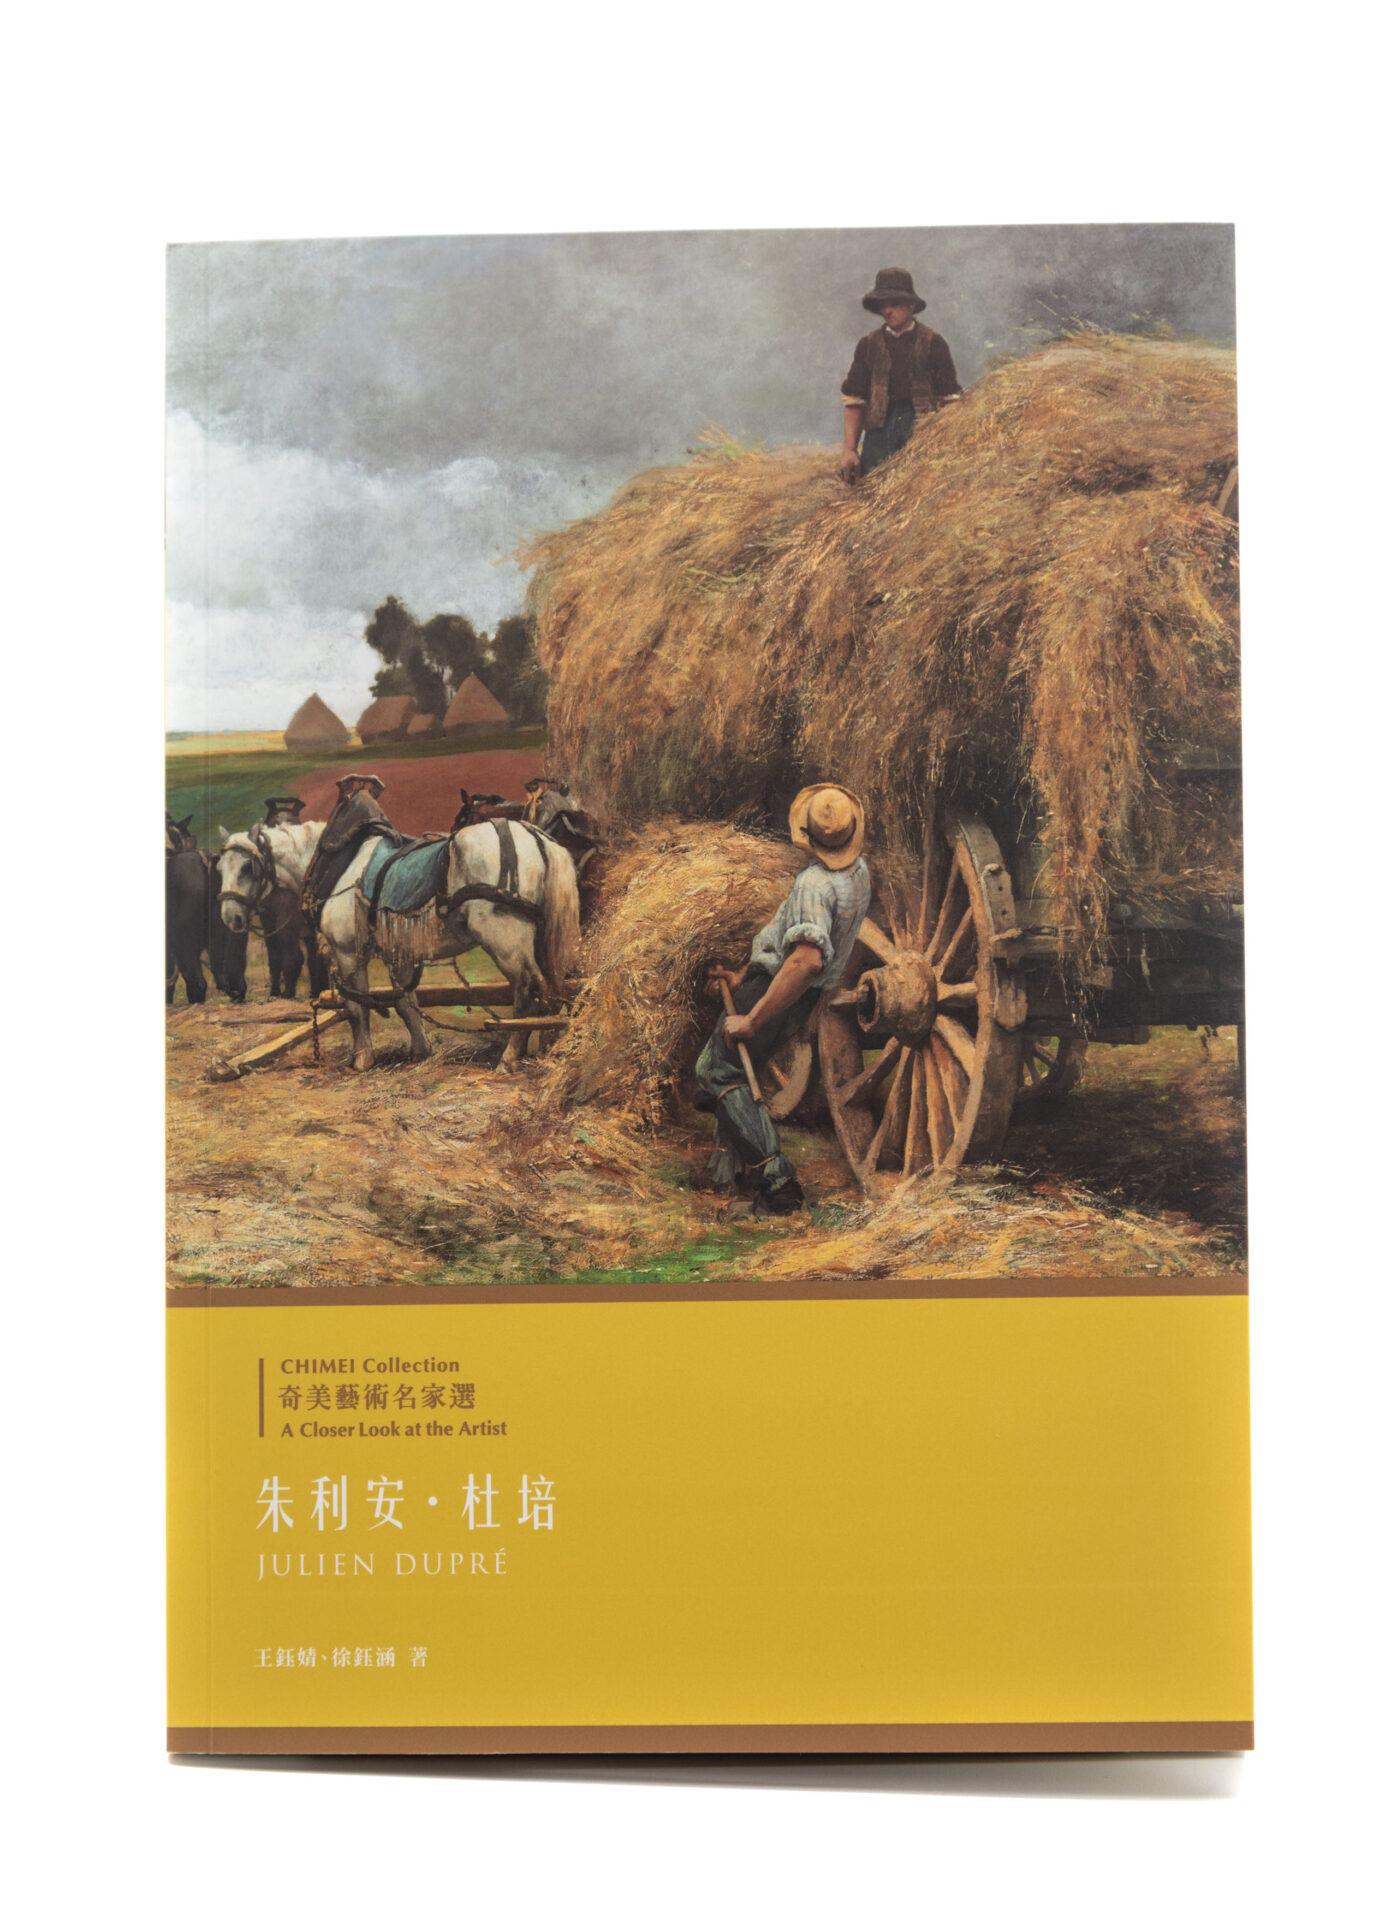 《奇美藝術名家選-朱利安.杜培》2021年2月出版